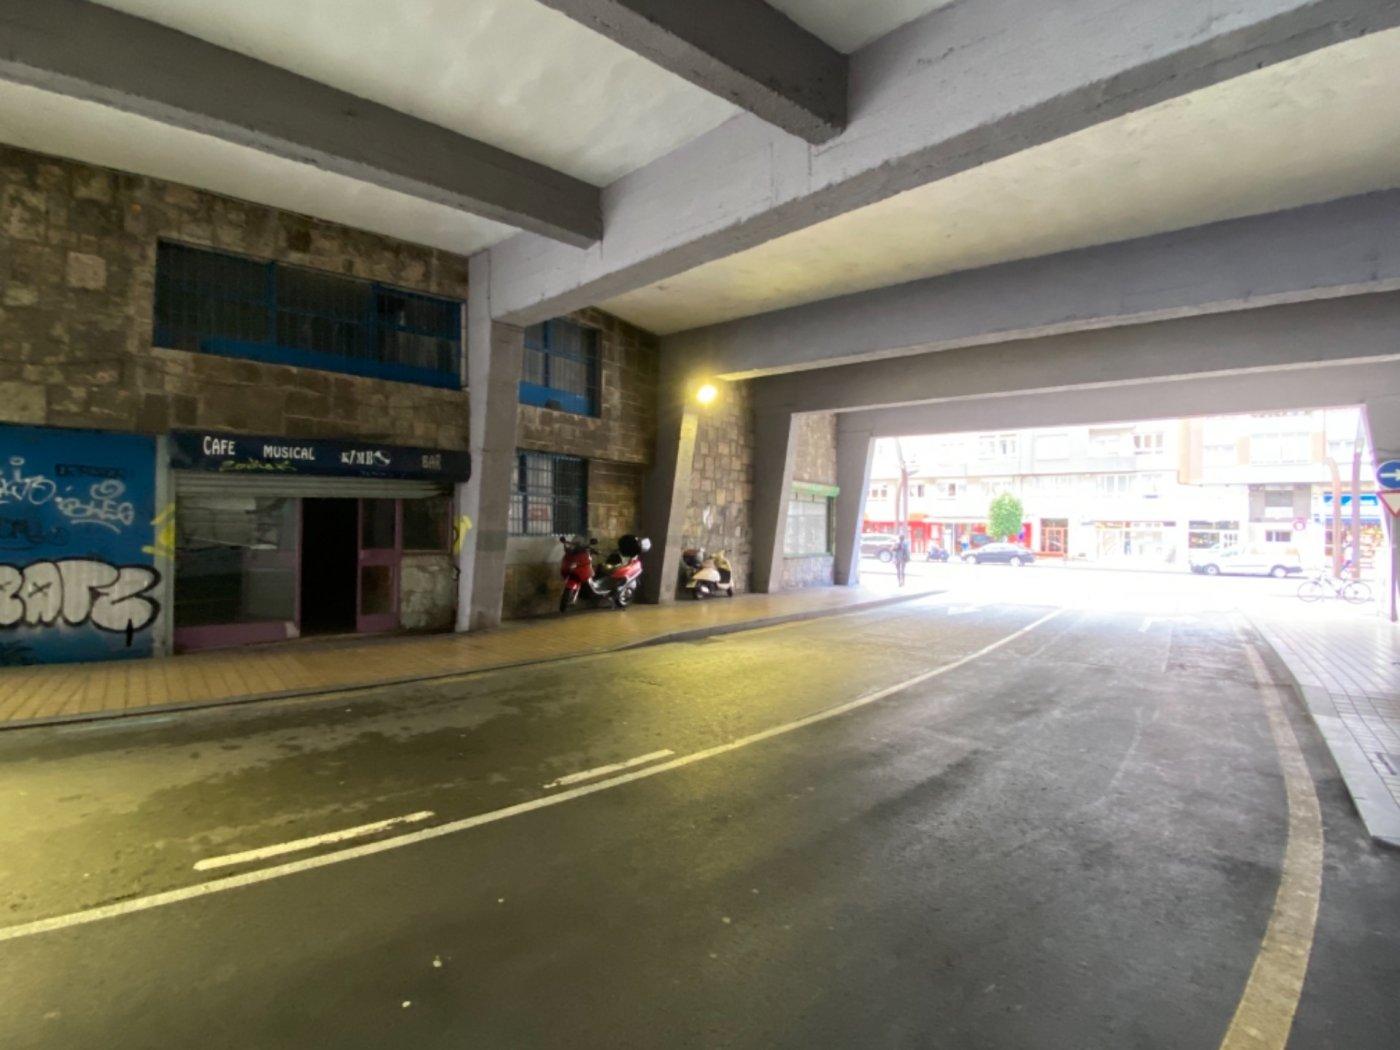 Avenida constitución - manuel llaneza - imagenInmueble2